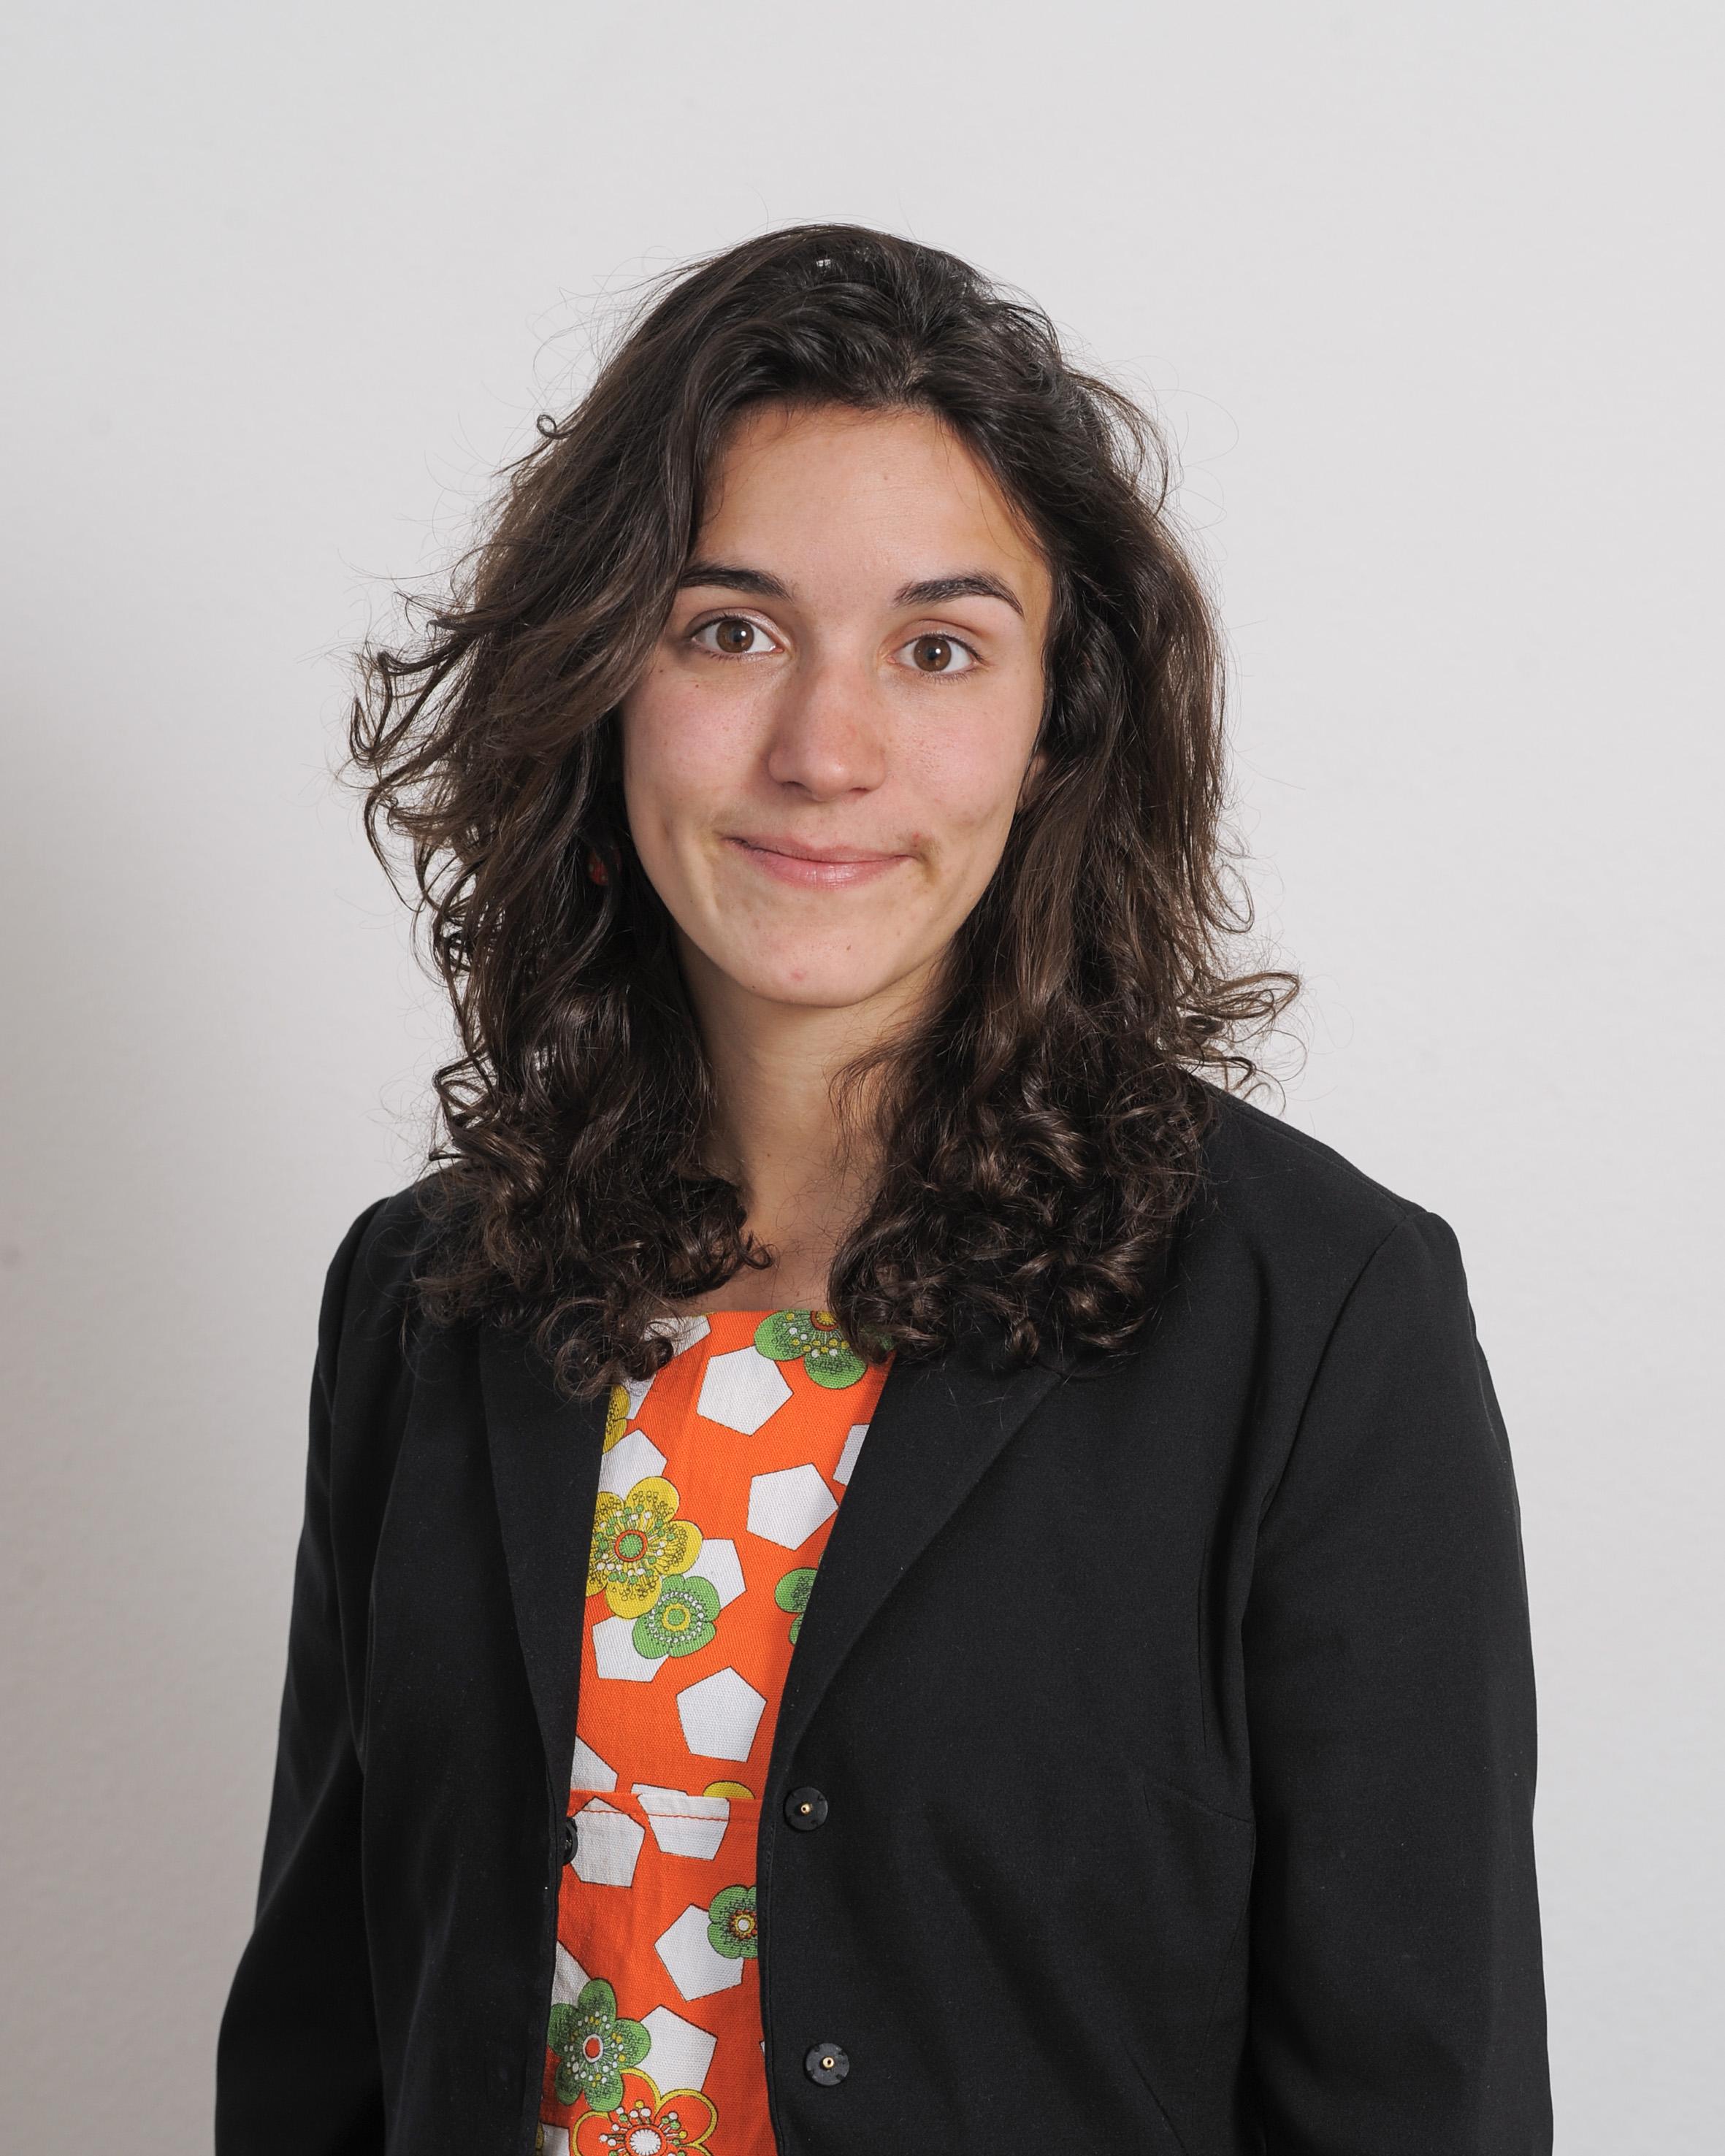 Hortense Denis